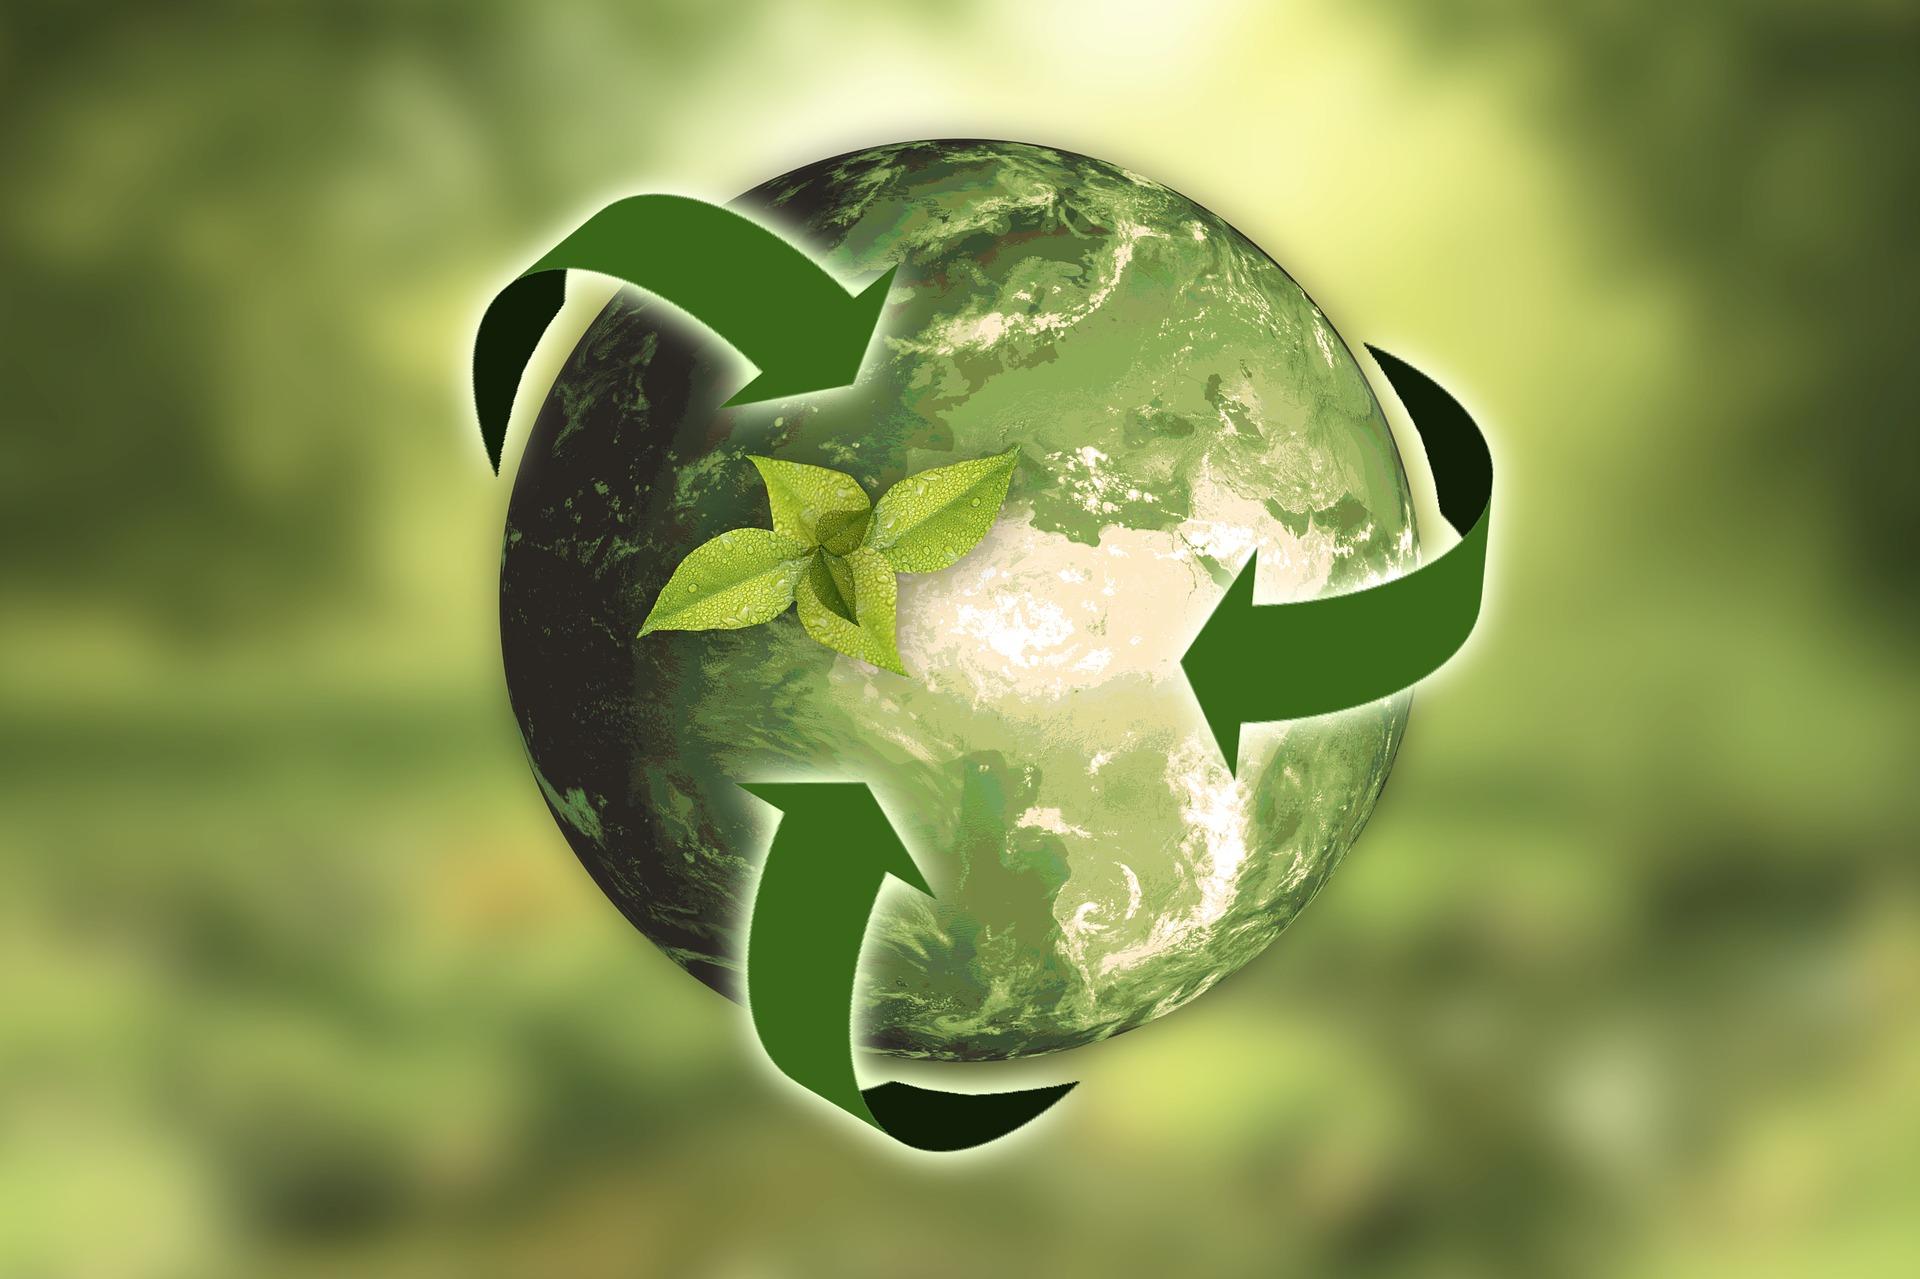 Coparmex apuesta por una reactivación económica sostenible